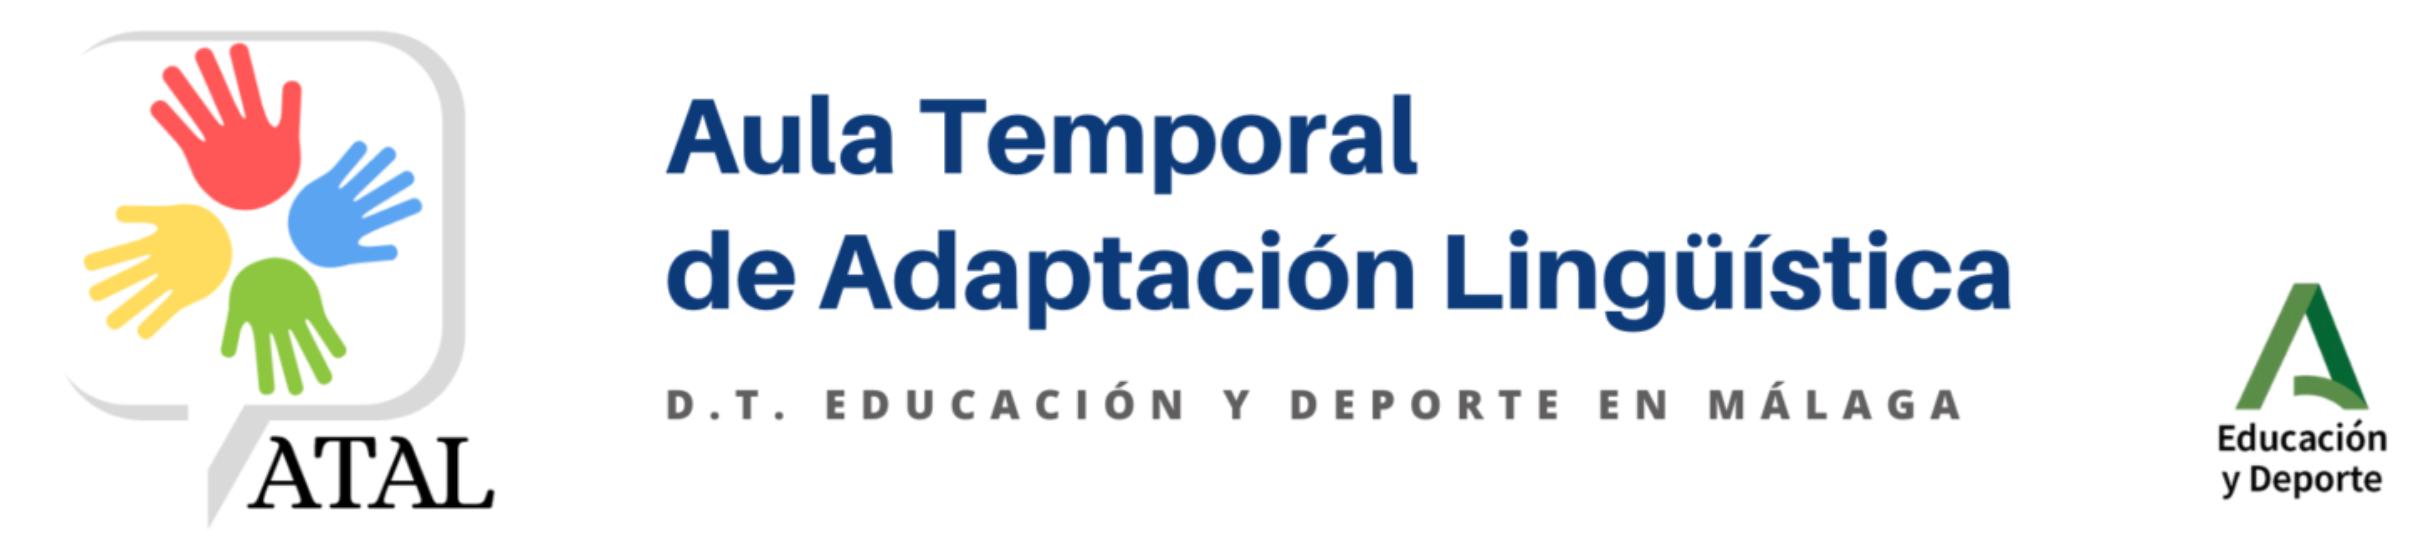 AULA TEMPORAL DE ADAPTACIÓN LINGÜÍSTIICA